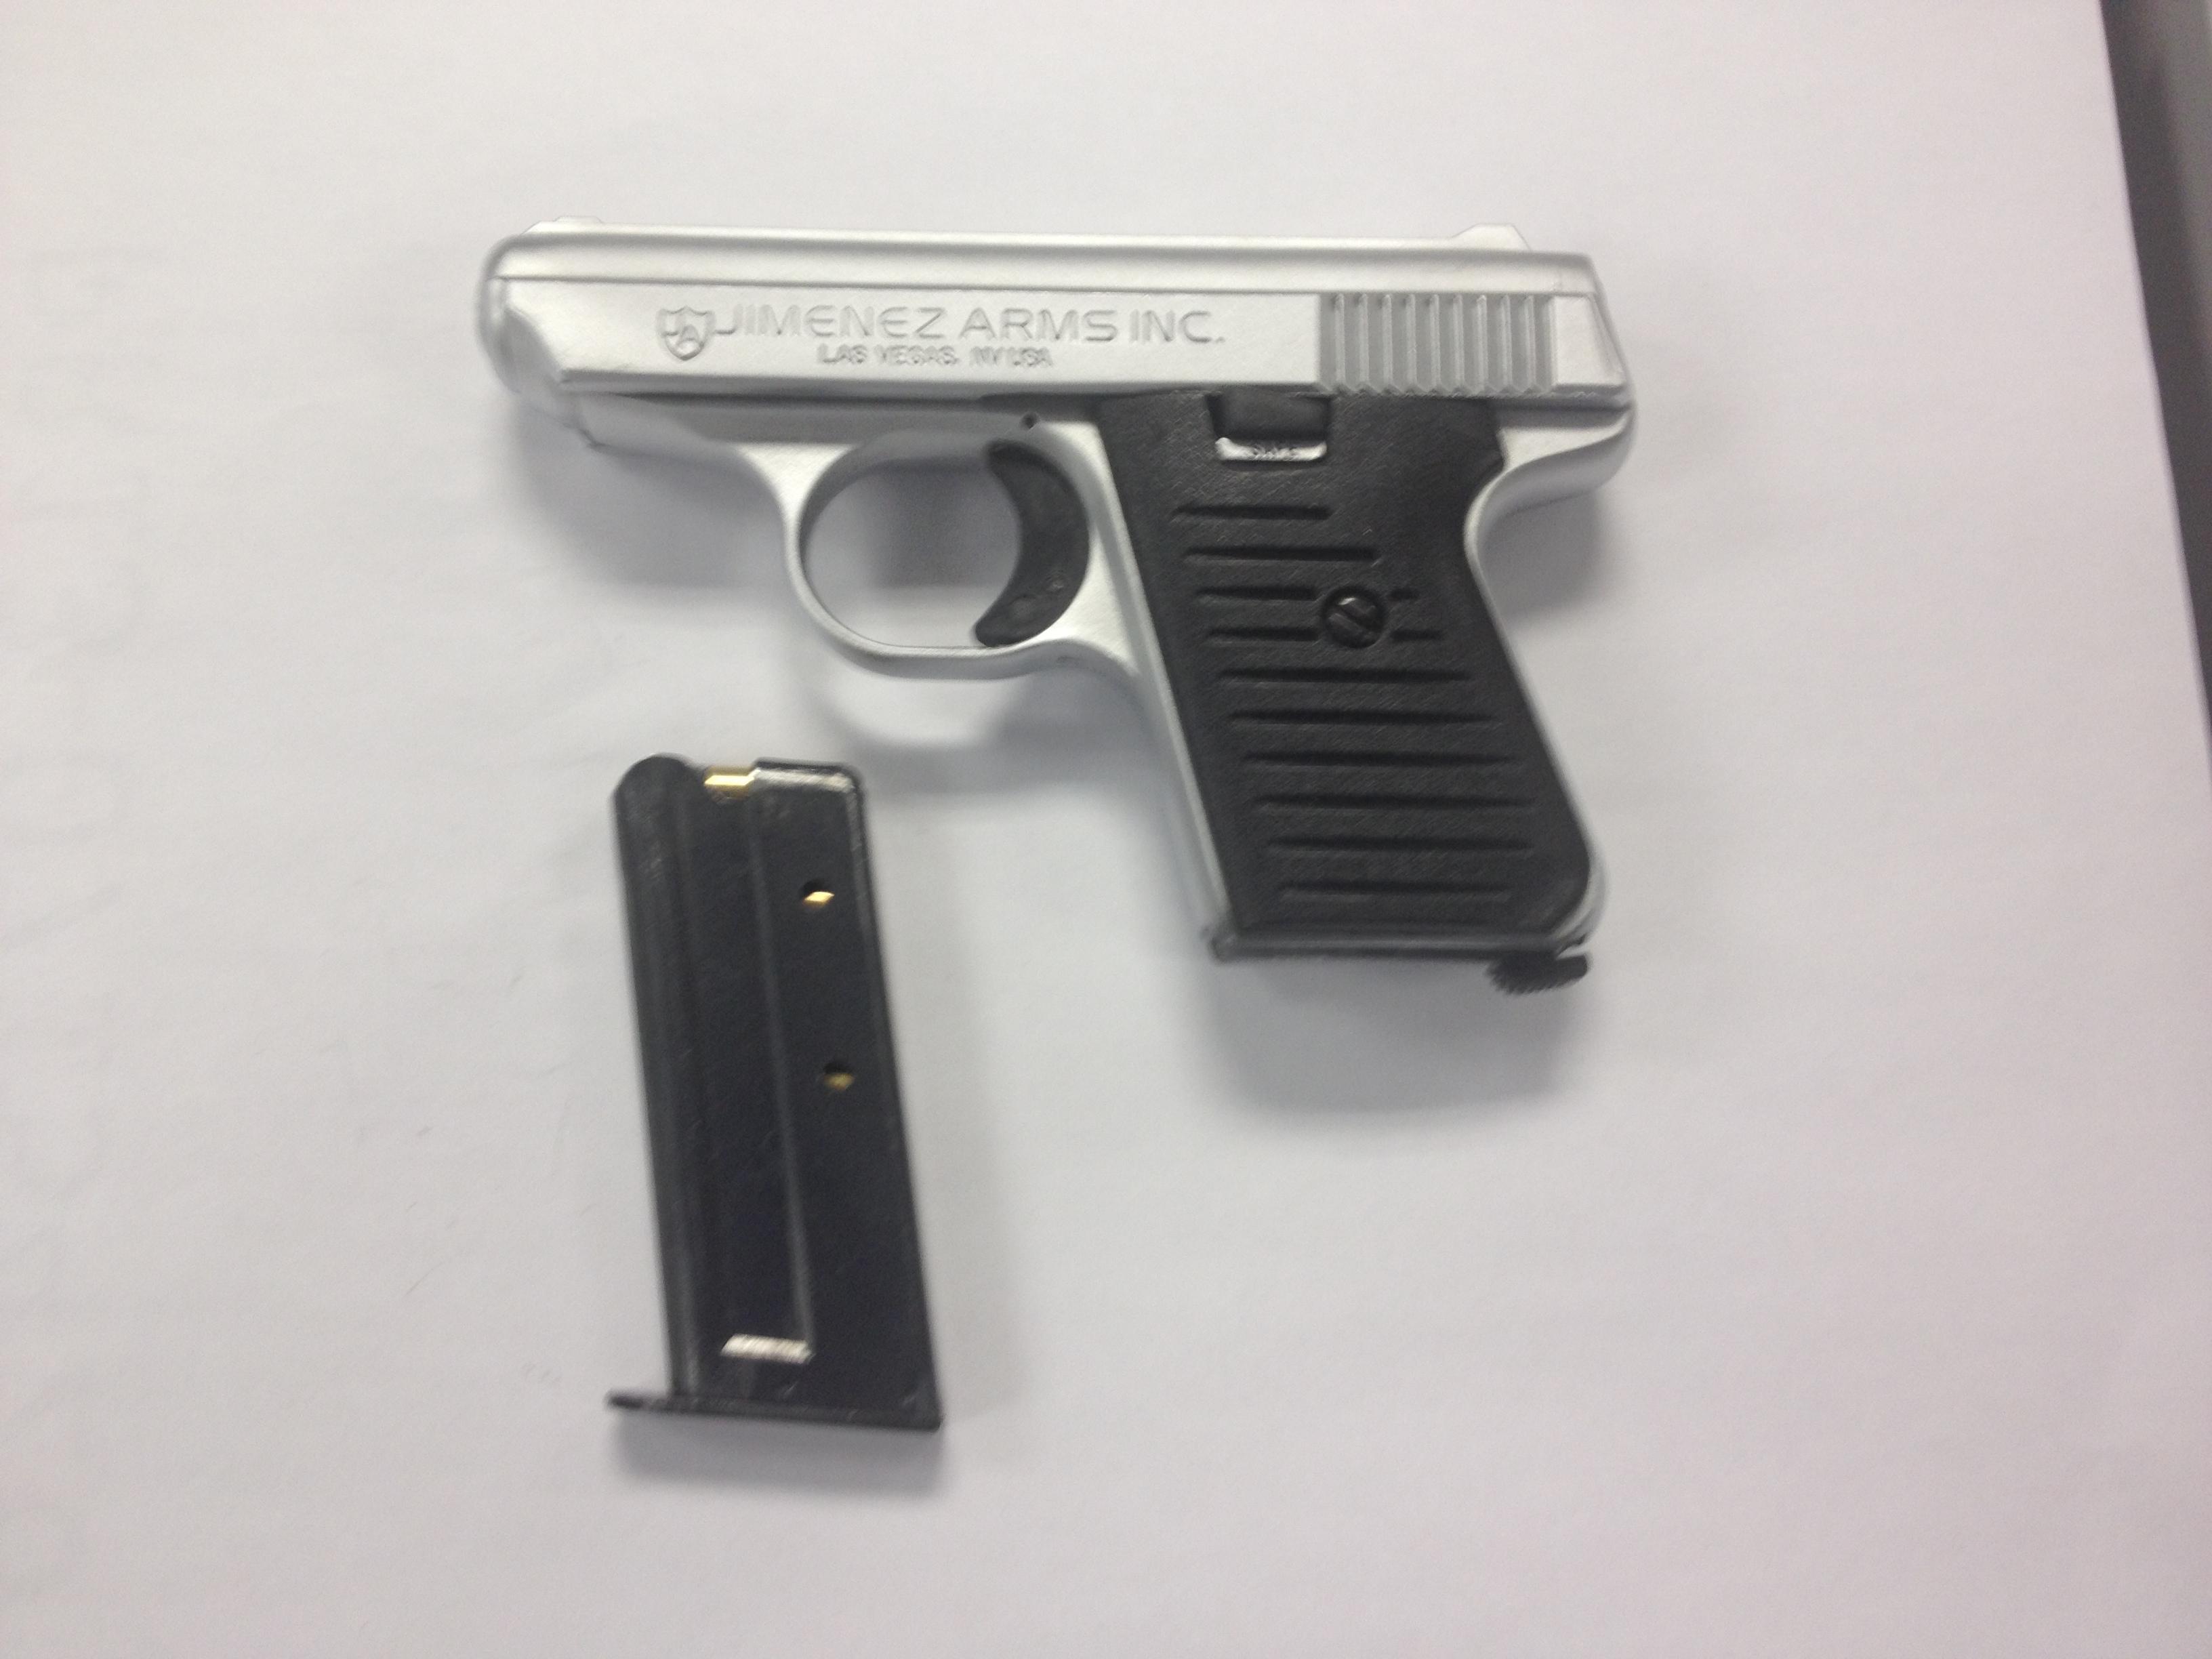 The seized firearm